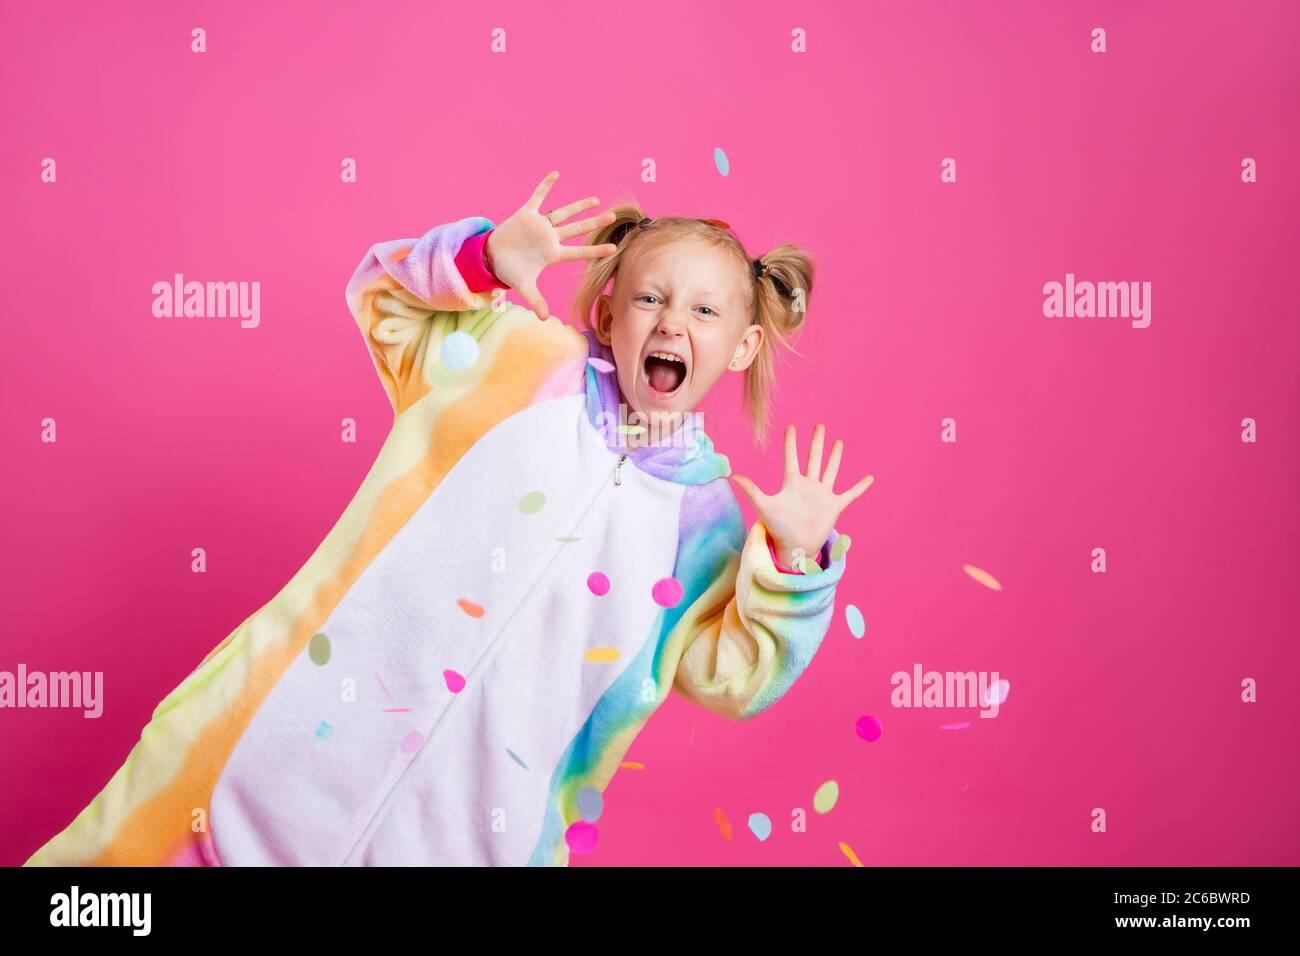 Bonne petite fille dans kigurumi unicorn sur fond rose se réjouit dans les confettis multicolores, espace pour le texte Banque D'Images